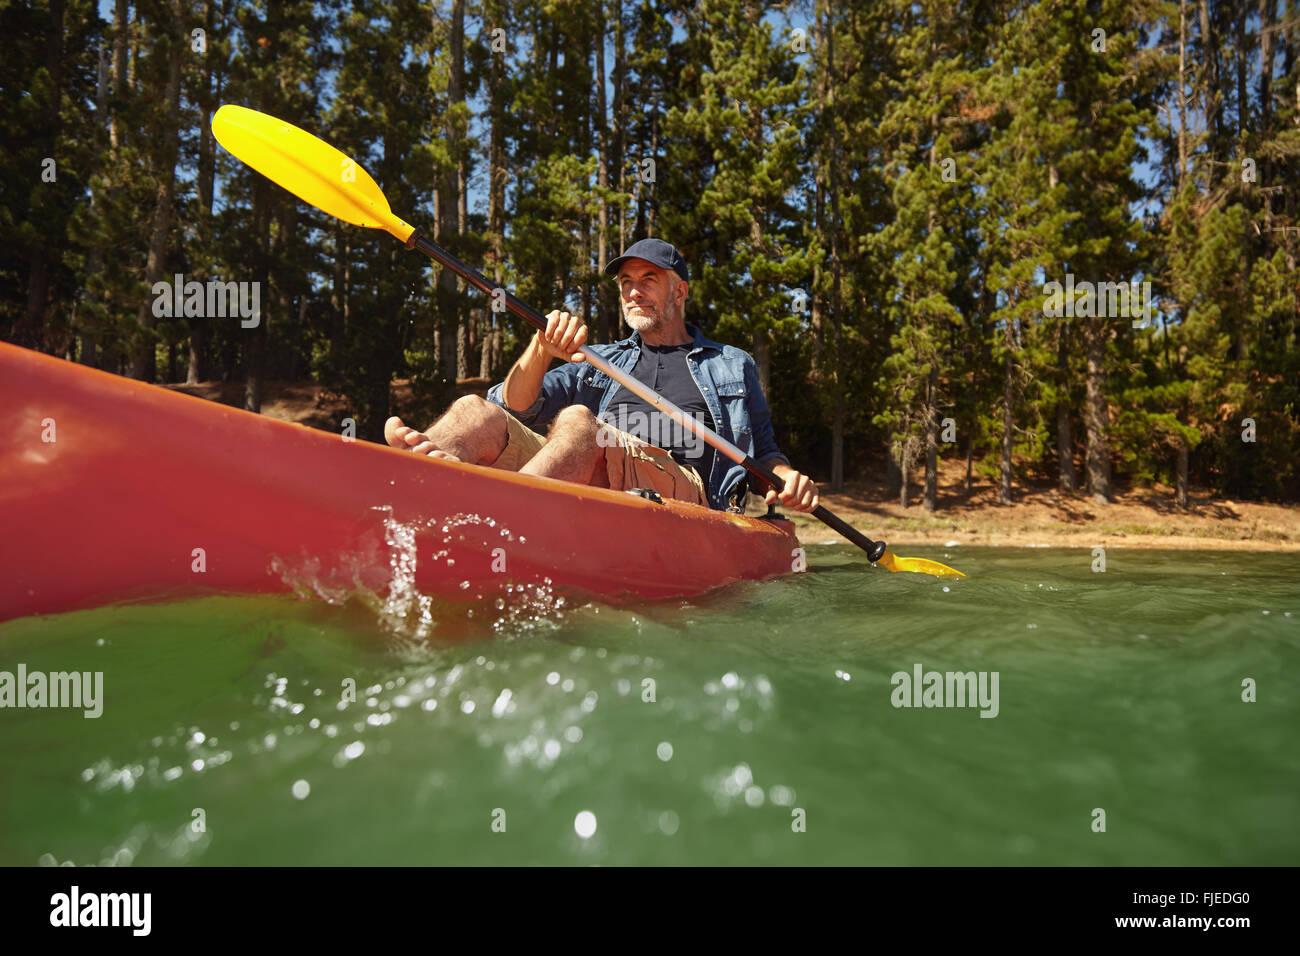 Ritratto di uomo maturo sguazzare un kayak in un lago. Senior uomo caucasico in canoa sul giorno di estate. Foto Stock